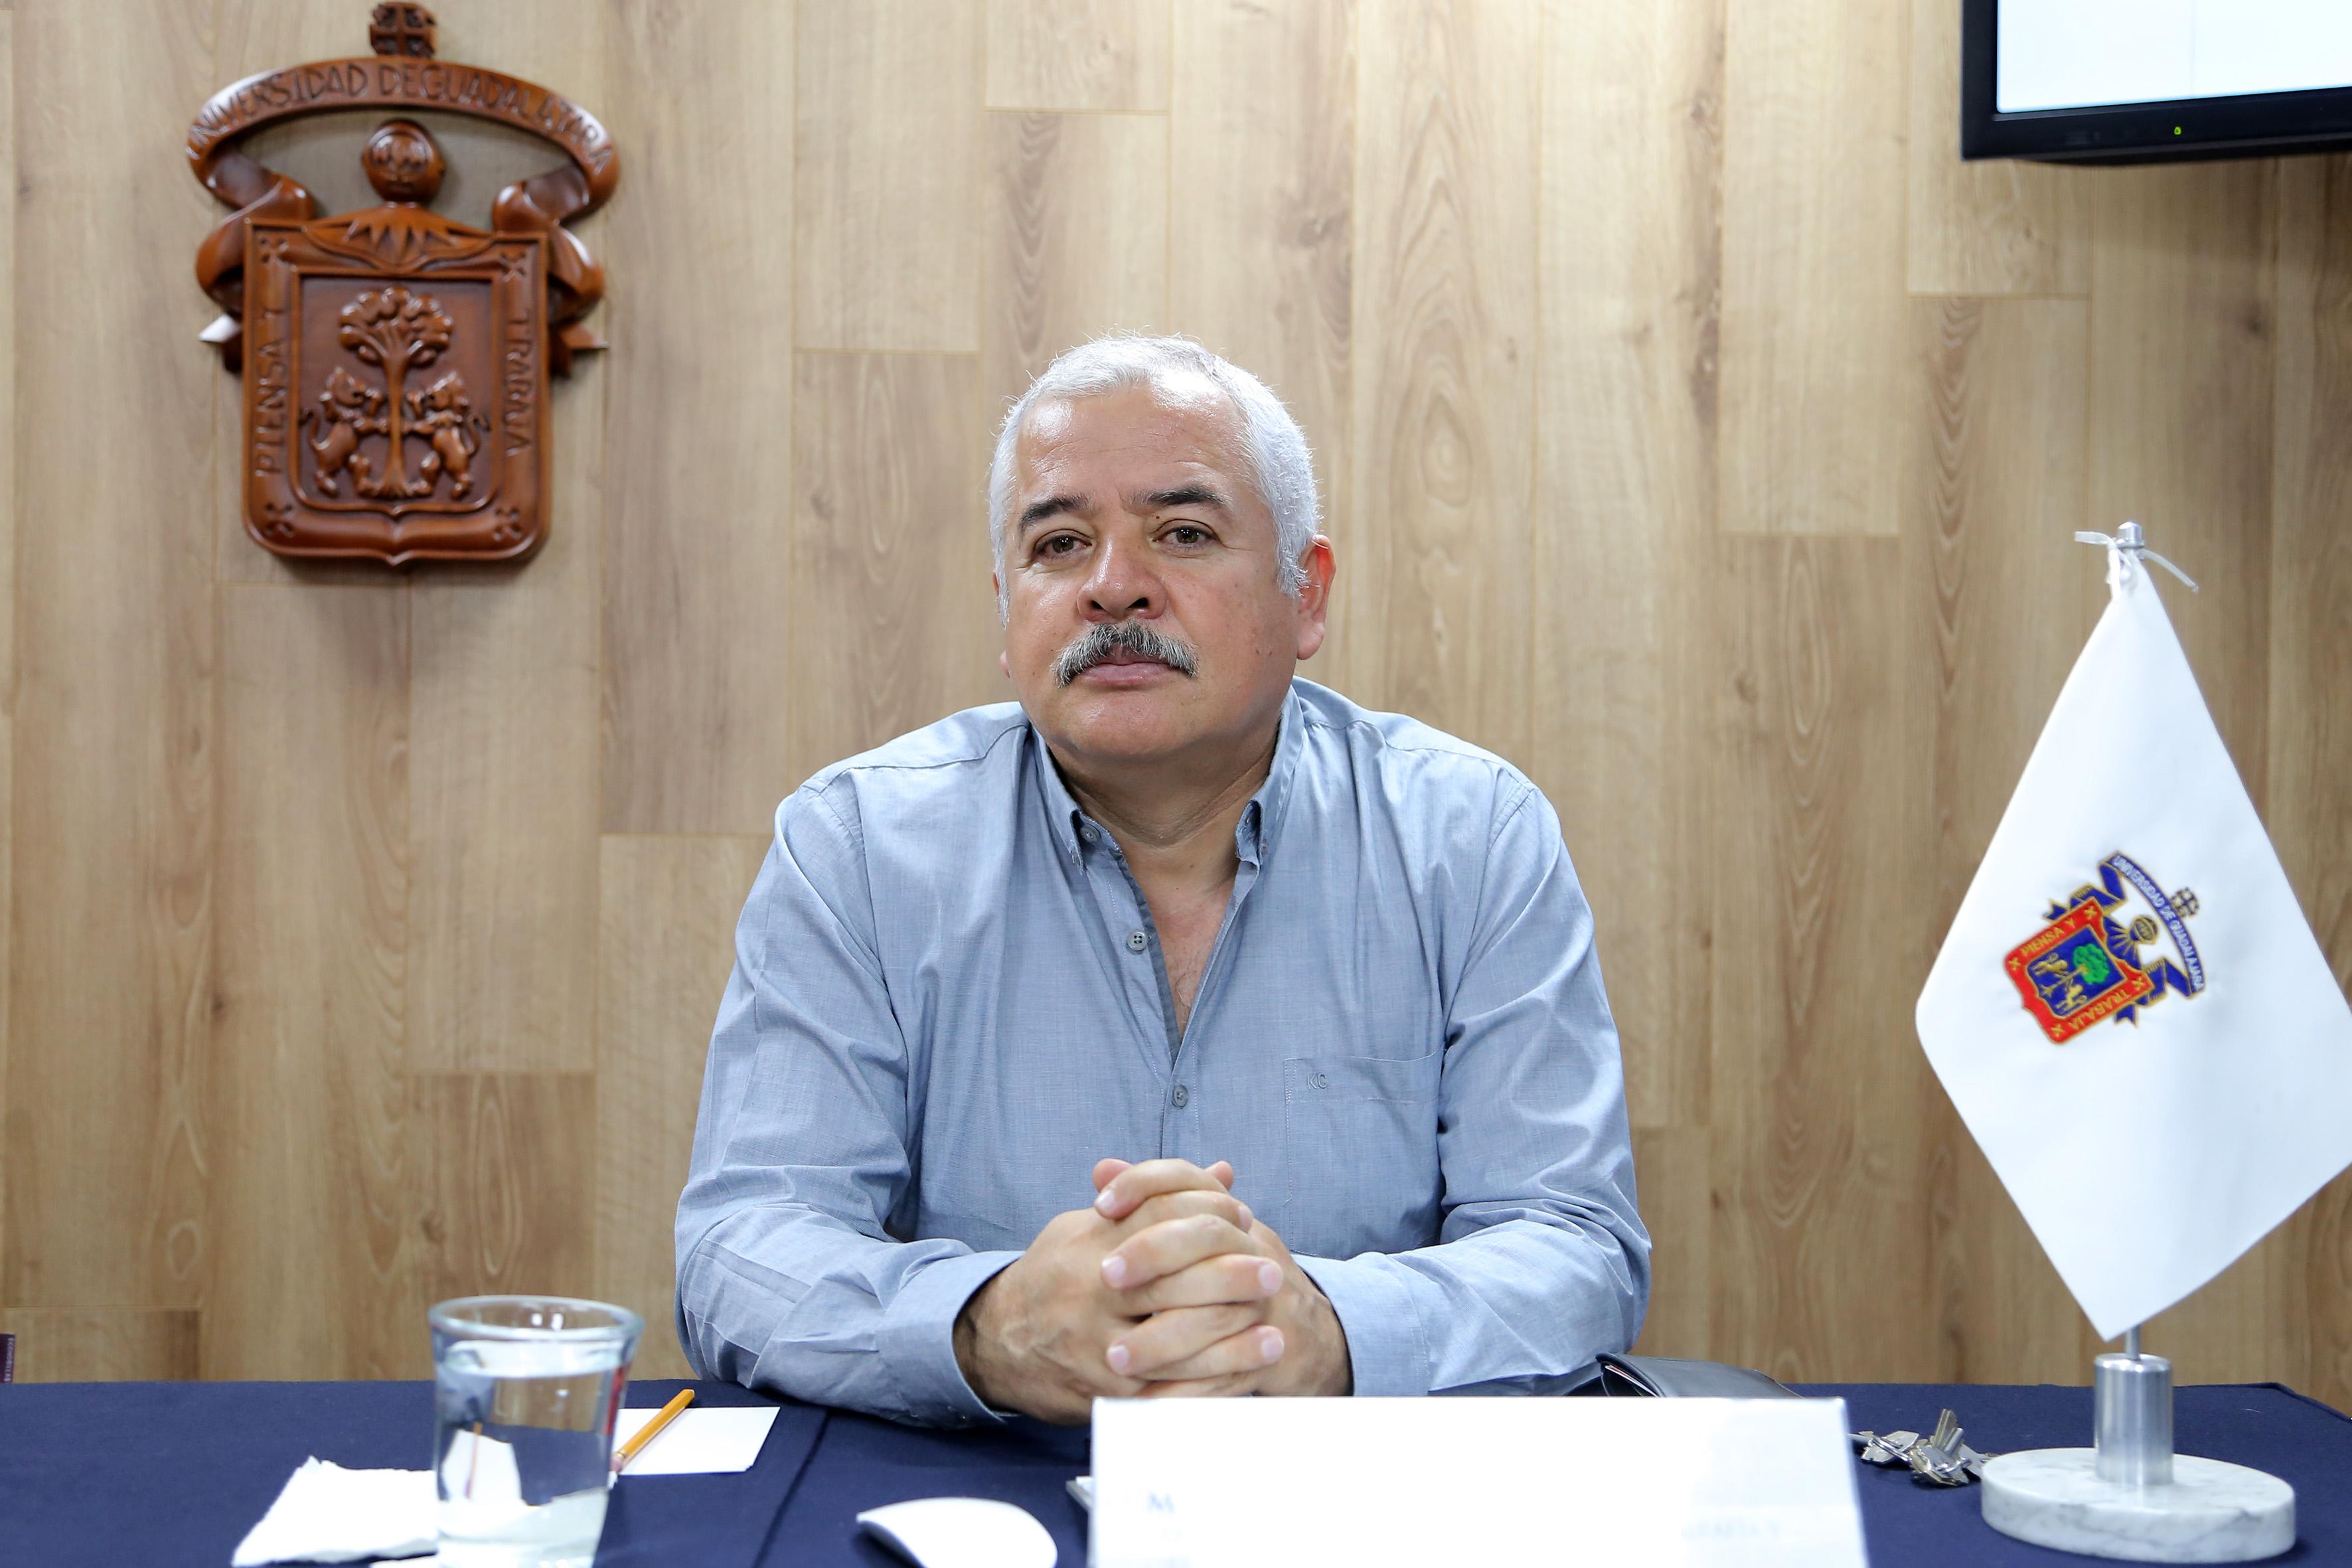 Mtro. Luis Valdivia Ornelas, investigador del Departamento de Geografía y Ordenación Territorial del Centro Universitario de Ciencias Sociales y Humanidades (CUCSH)